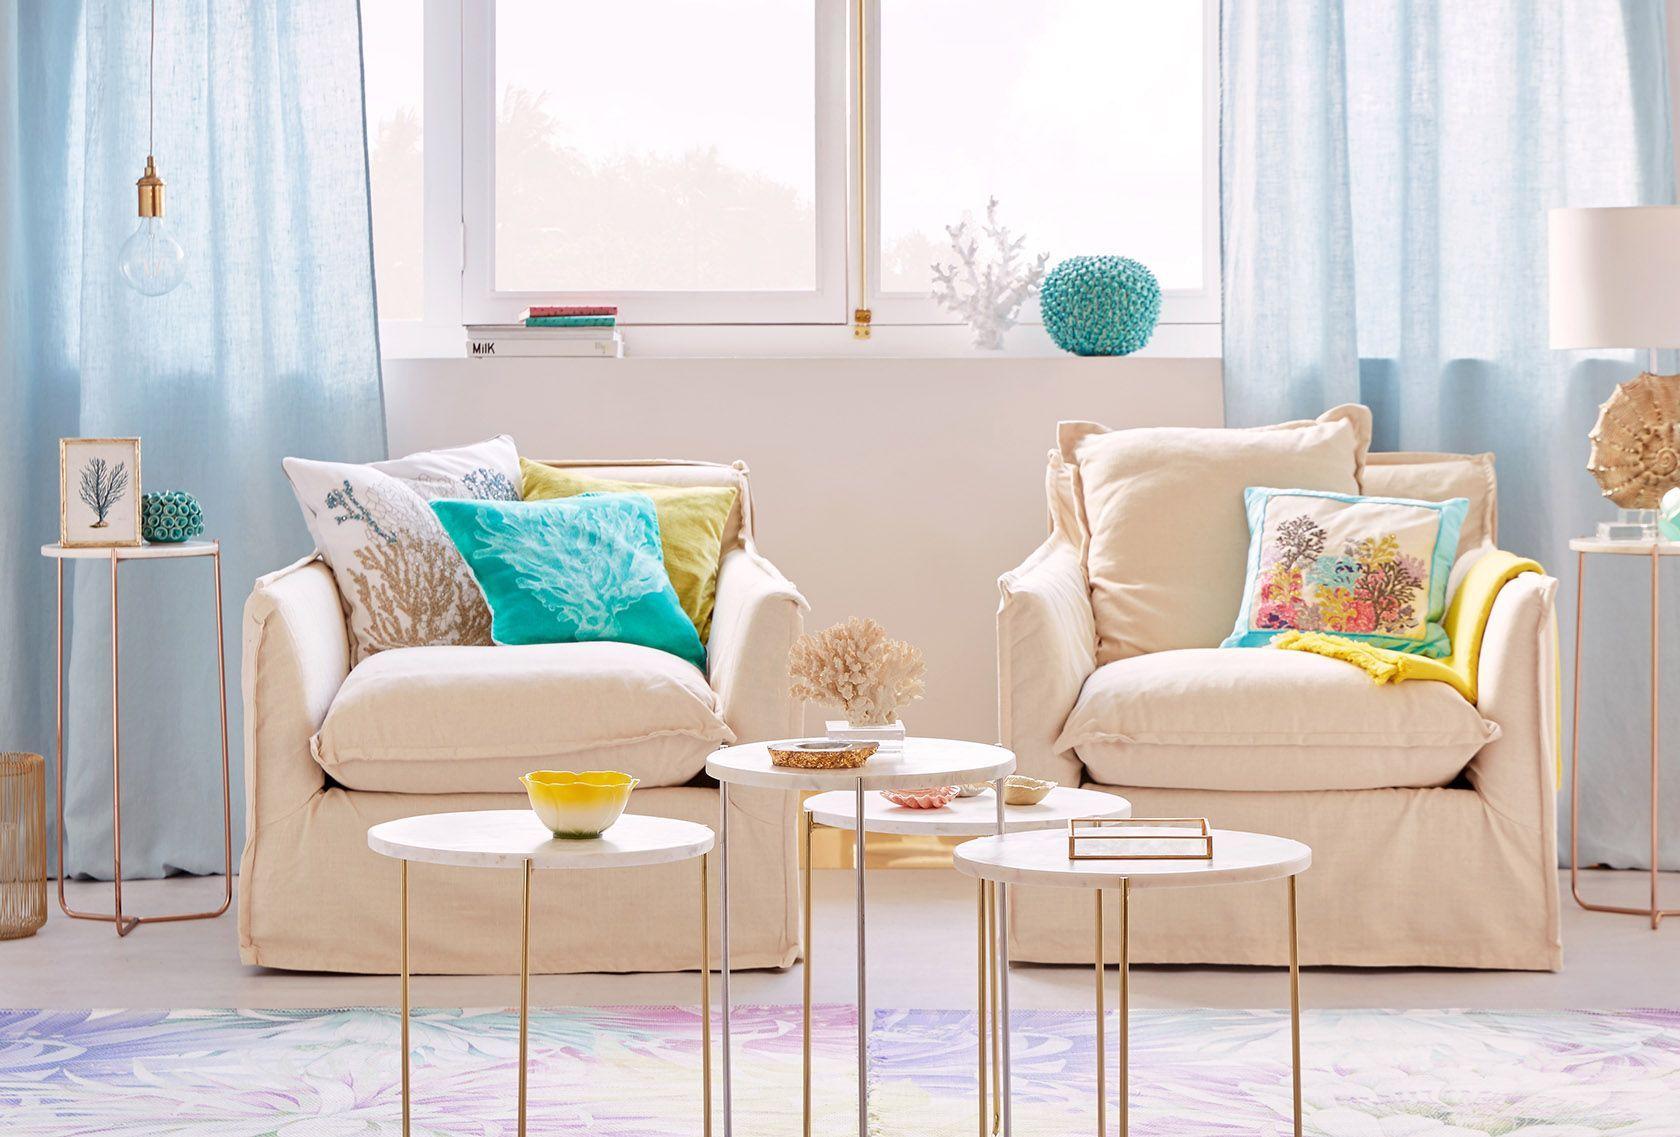 La nuova collezione Zara Home!